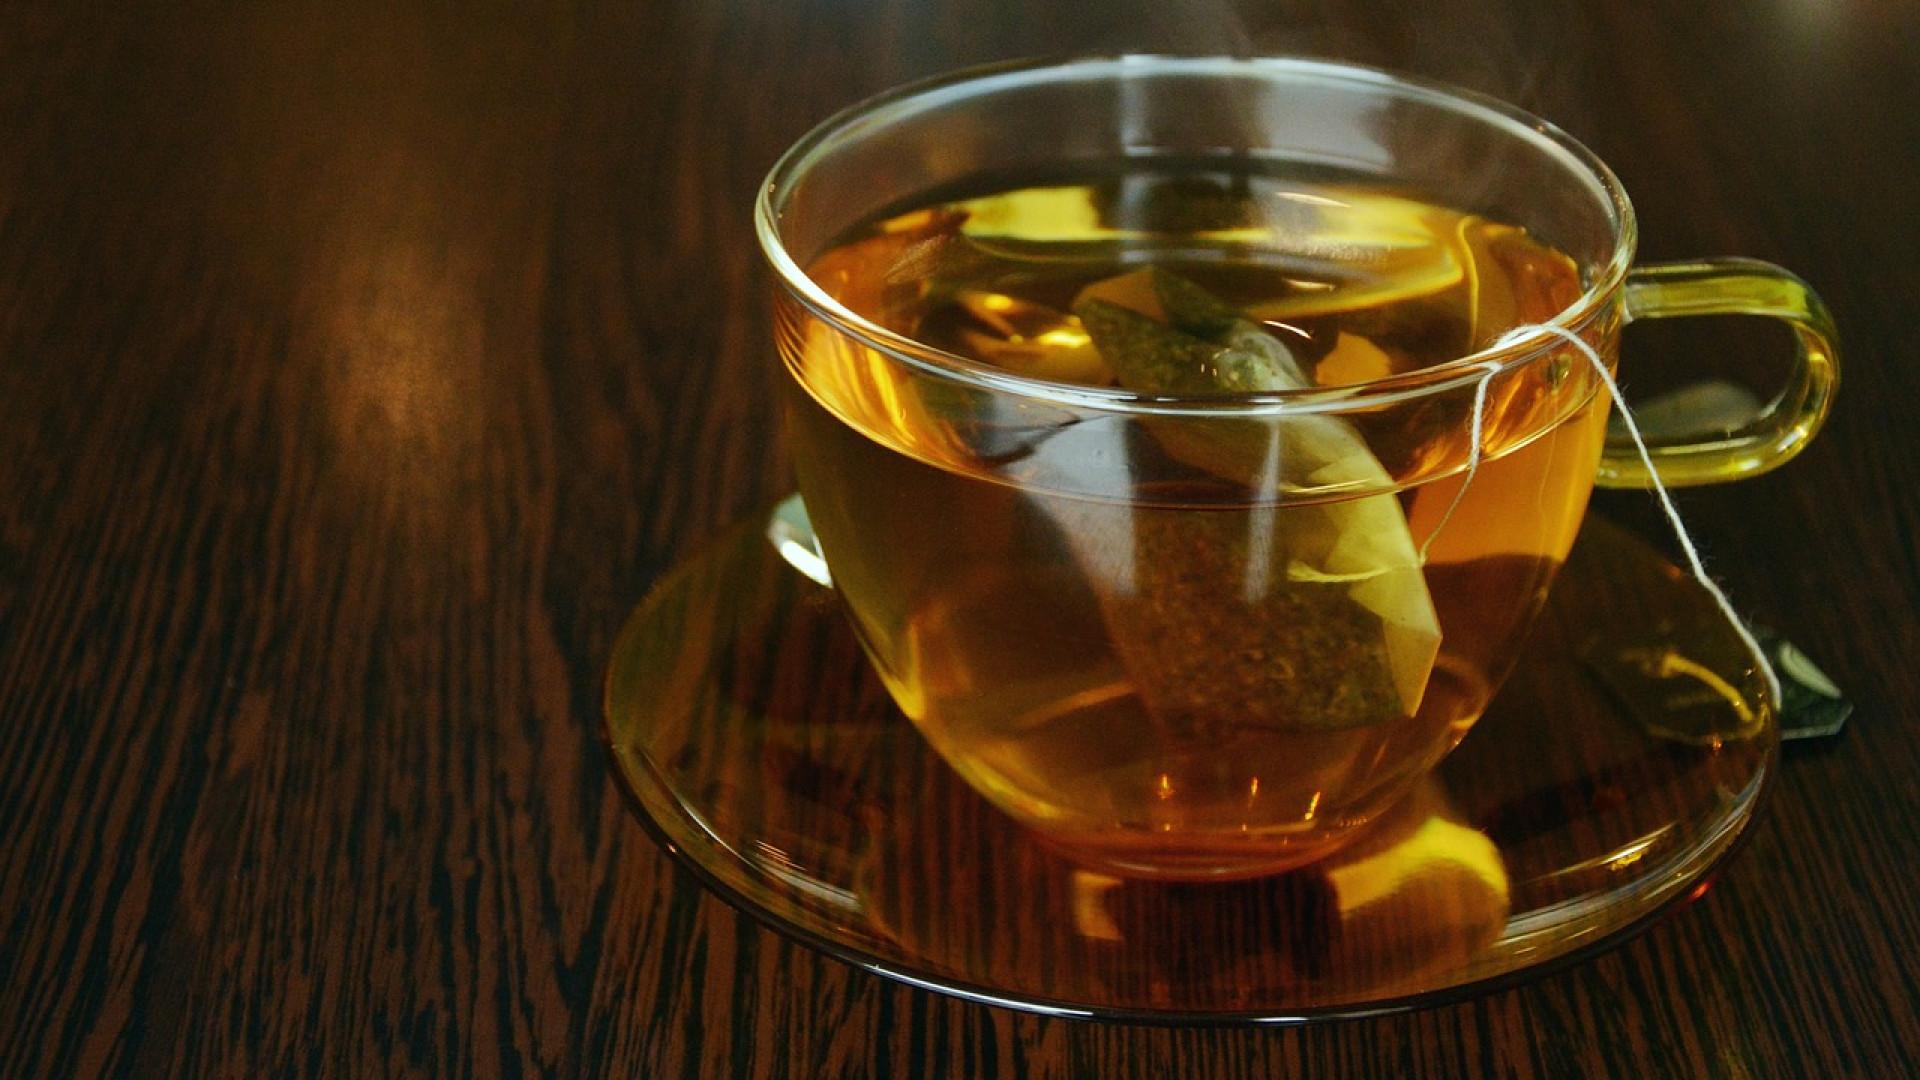 Le thé matcha est bénéfique pour votre santé